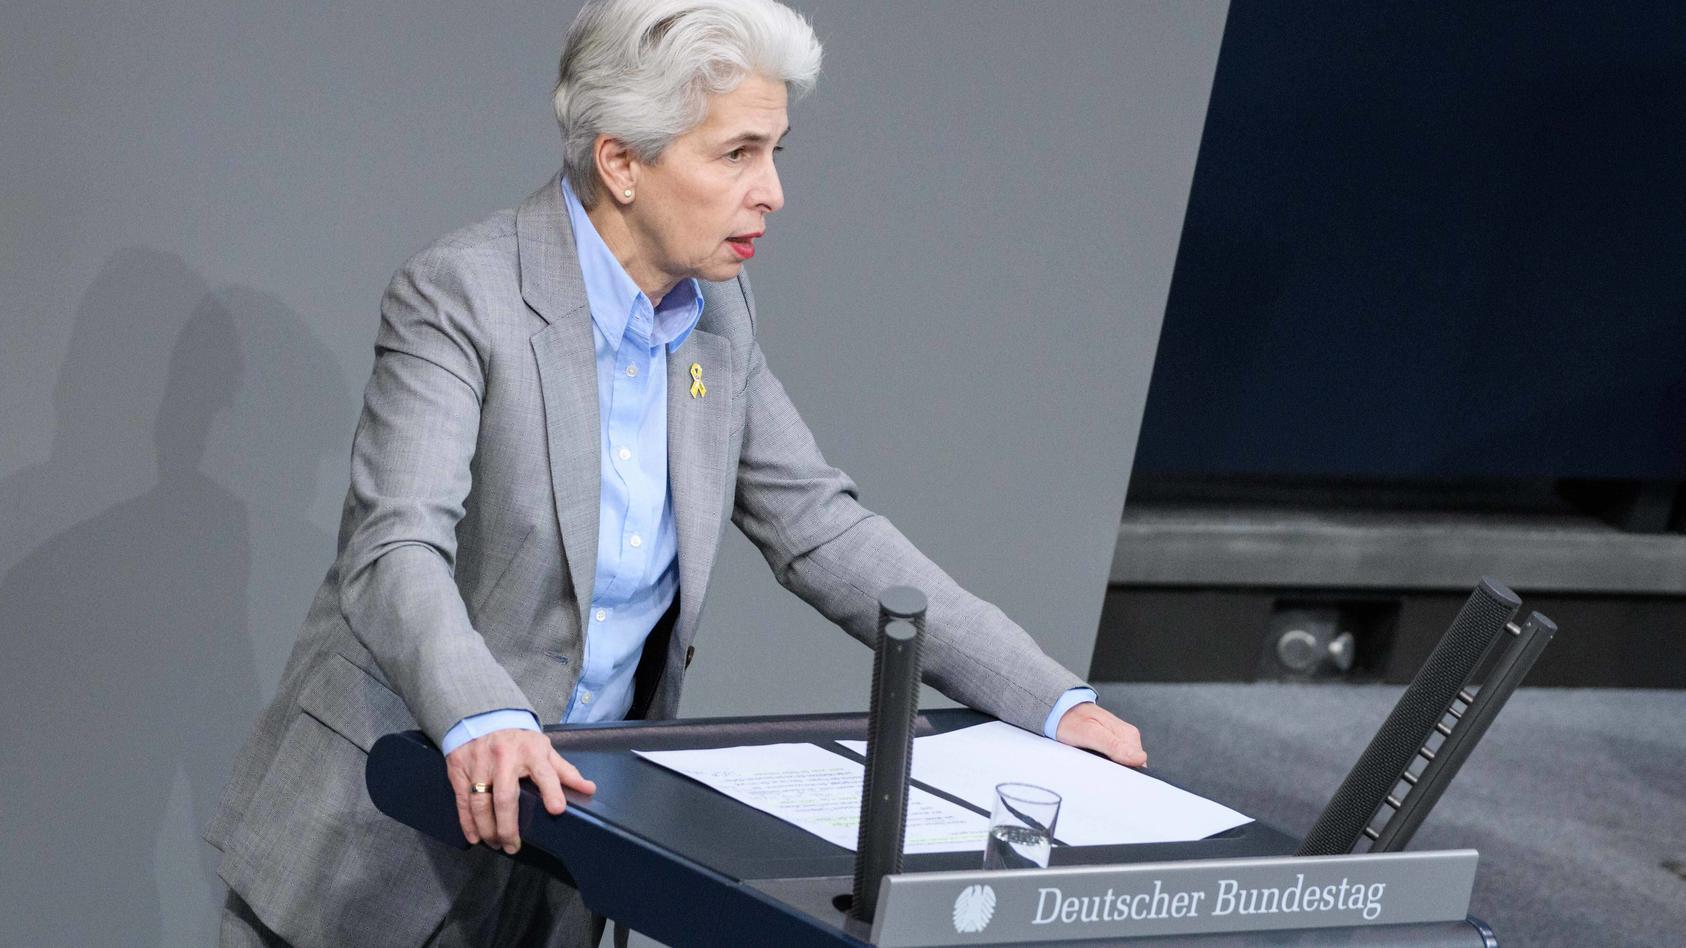 Berlin, Plenarsitzung im Bundestag Deutschland, Berlin - 04.03.2020: Im Bild ist Marie-Agnes Strack-Zimmermann (fdp) wä